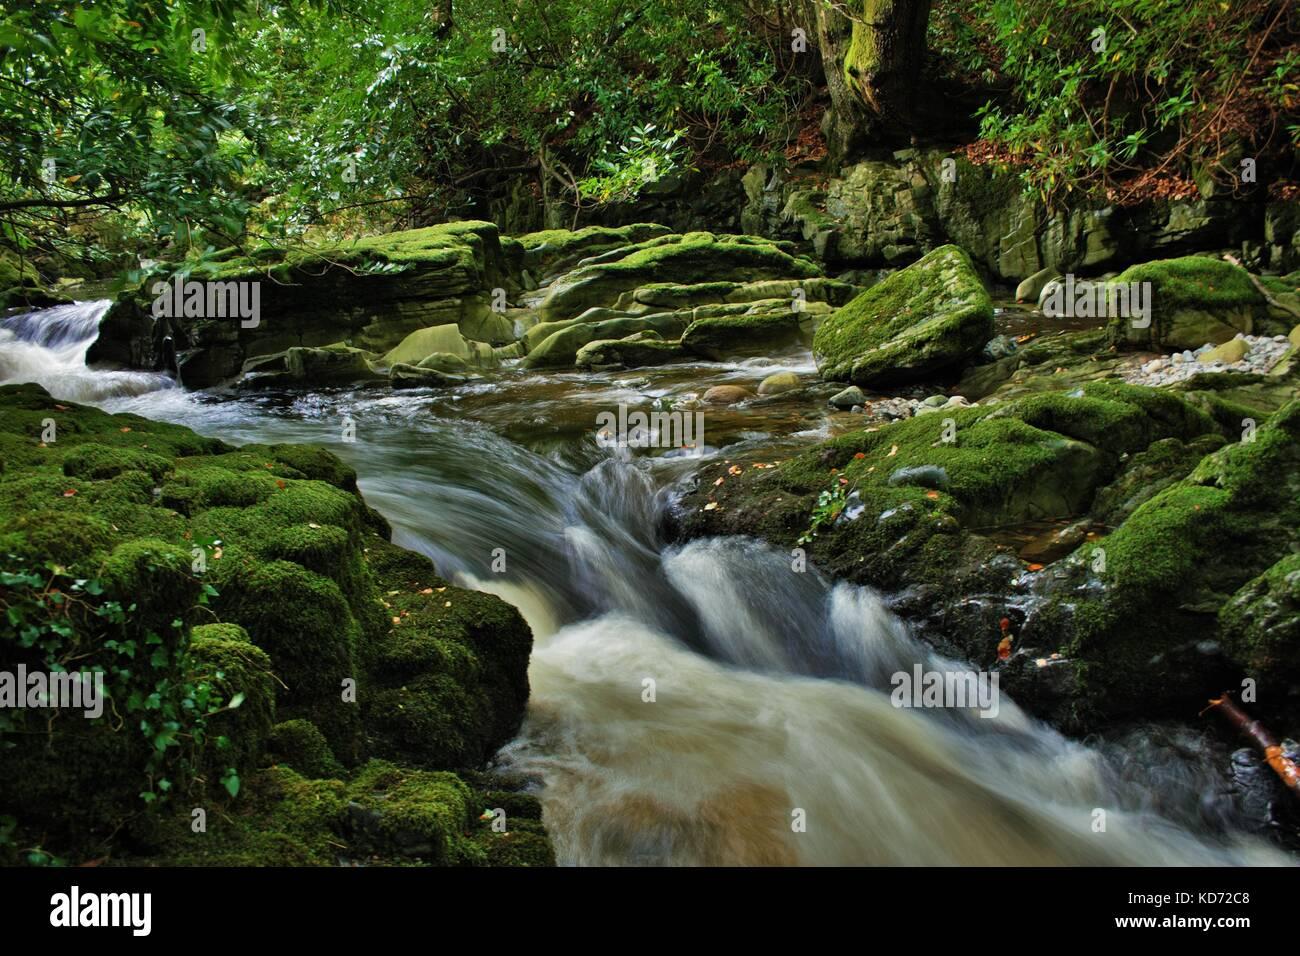 La larga exposición foto de río que fluye a través de las rocas y de los árboles en el bosque, tullymore IRLANDA DEL NORTE Foto de stock